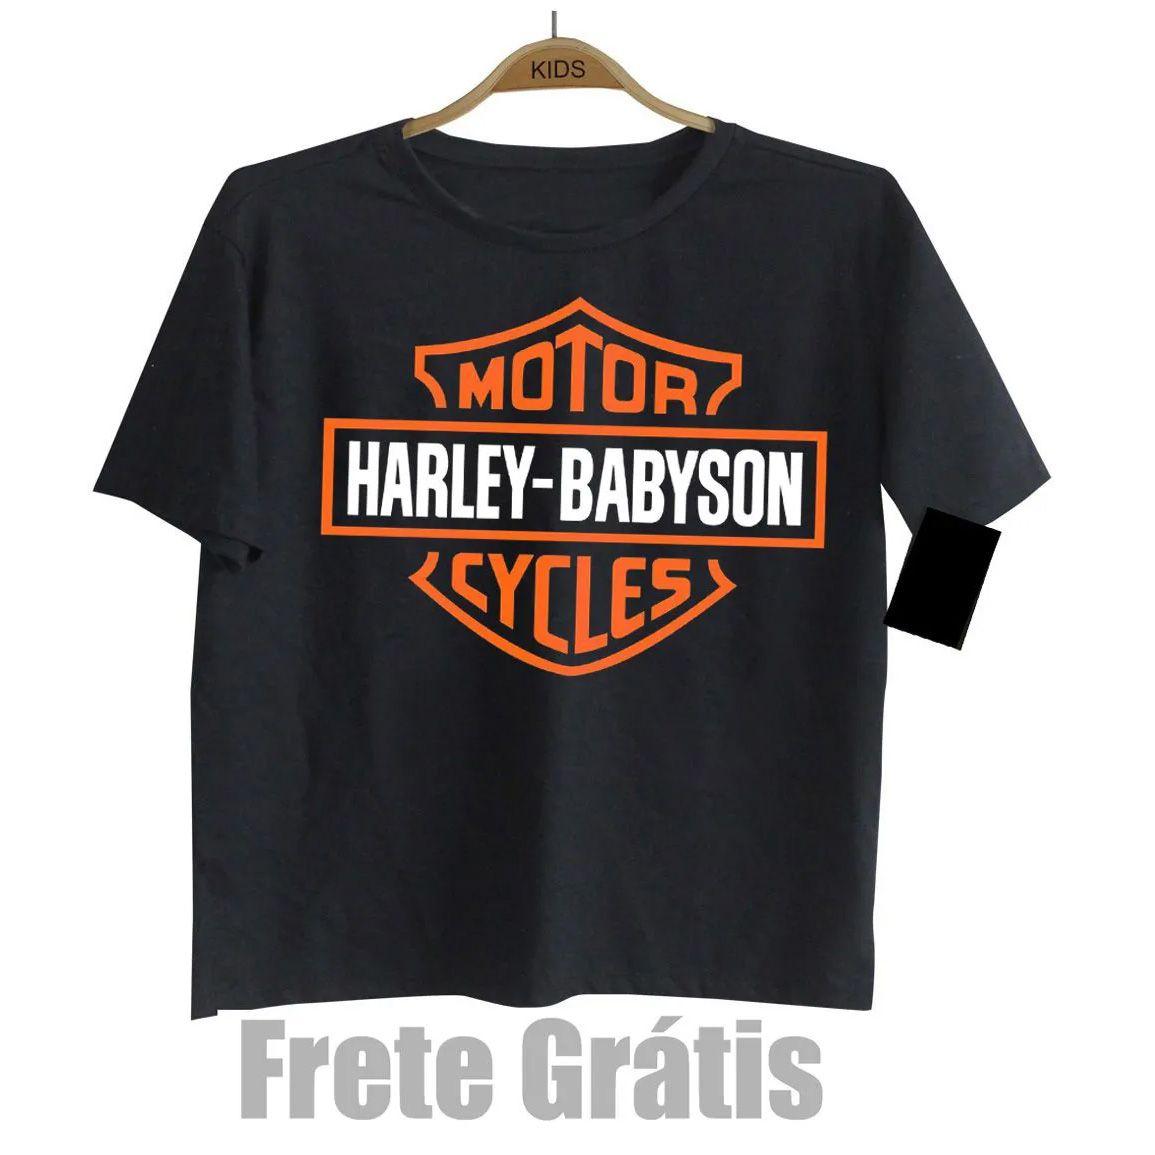 Camiseta Infantil  Moto Rock - Harley Babyson - Black  - Baby Monster S/A